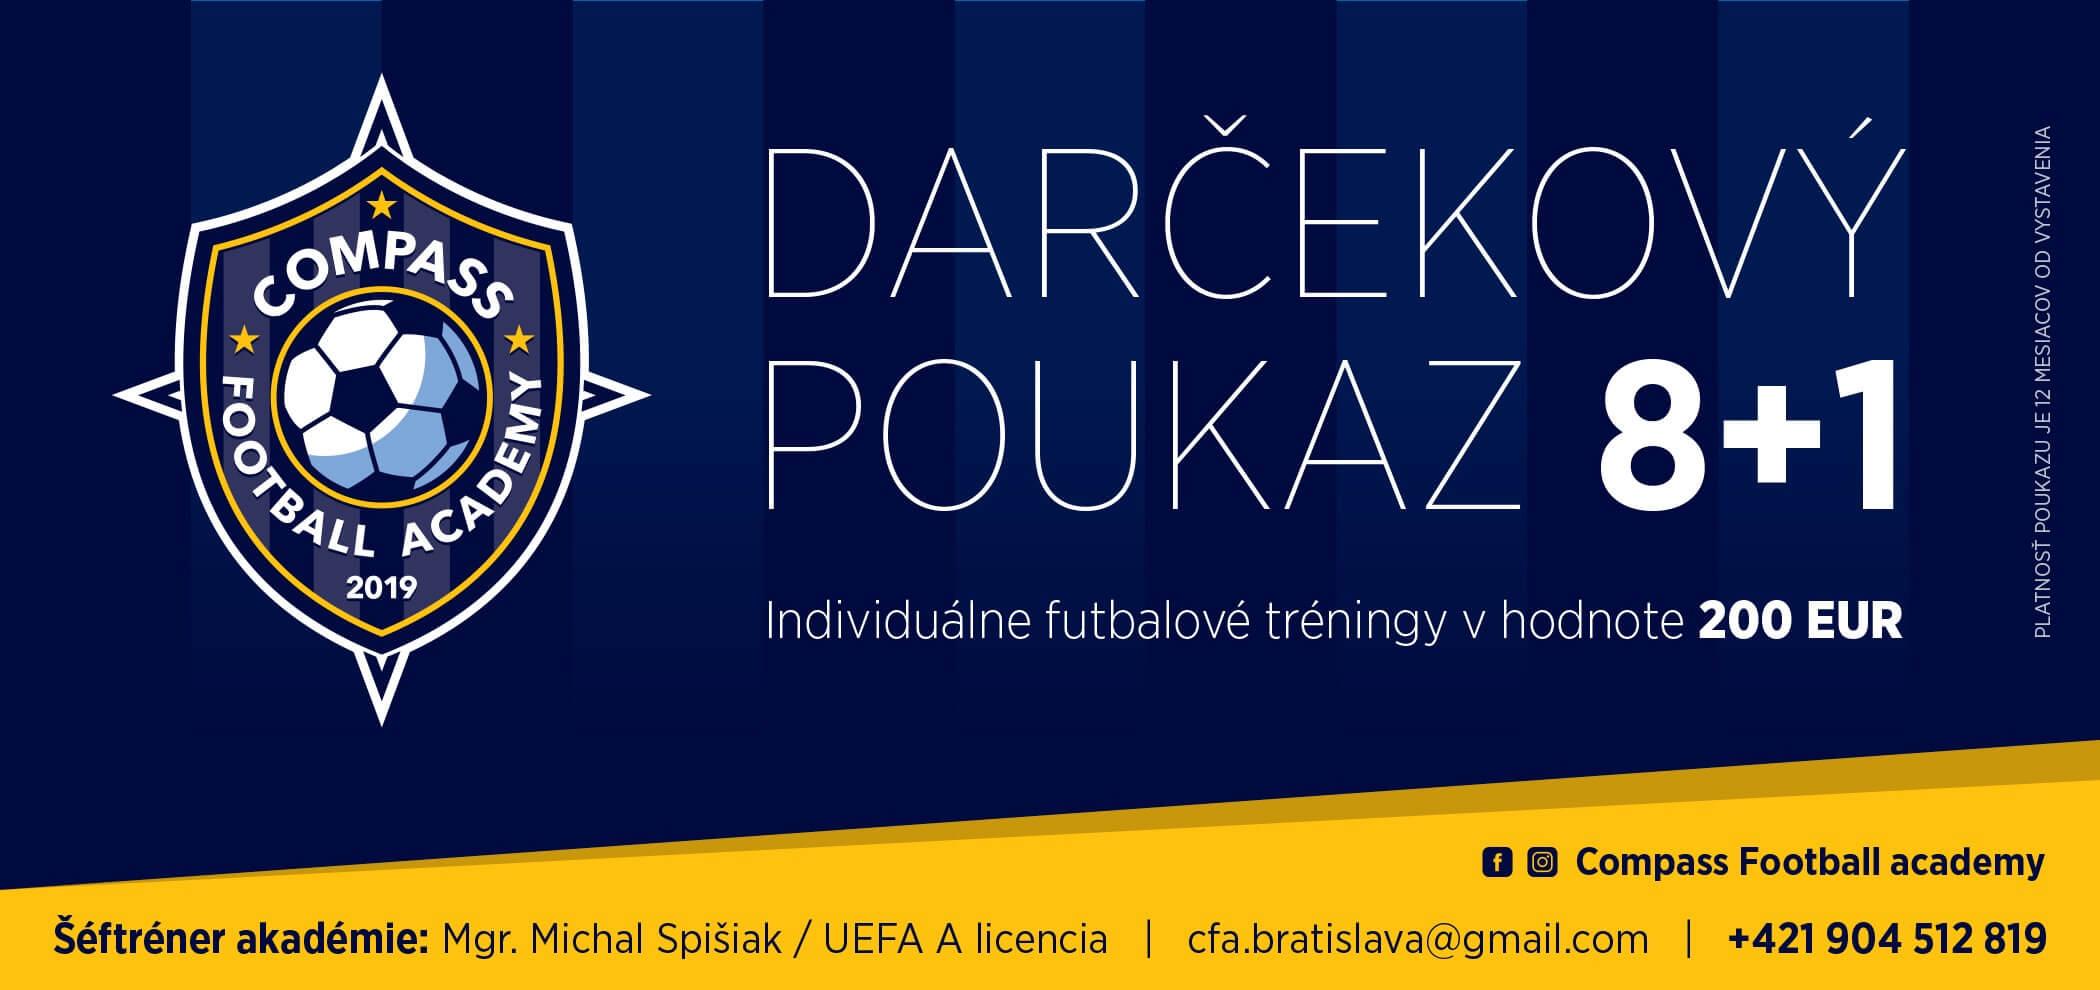 darcekovy_poukaz_futbalove_compass_academy